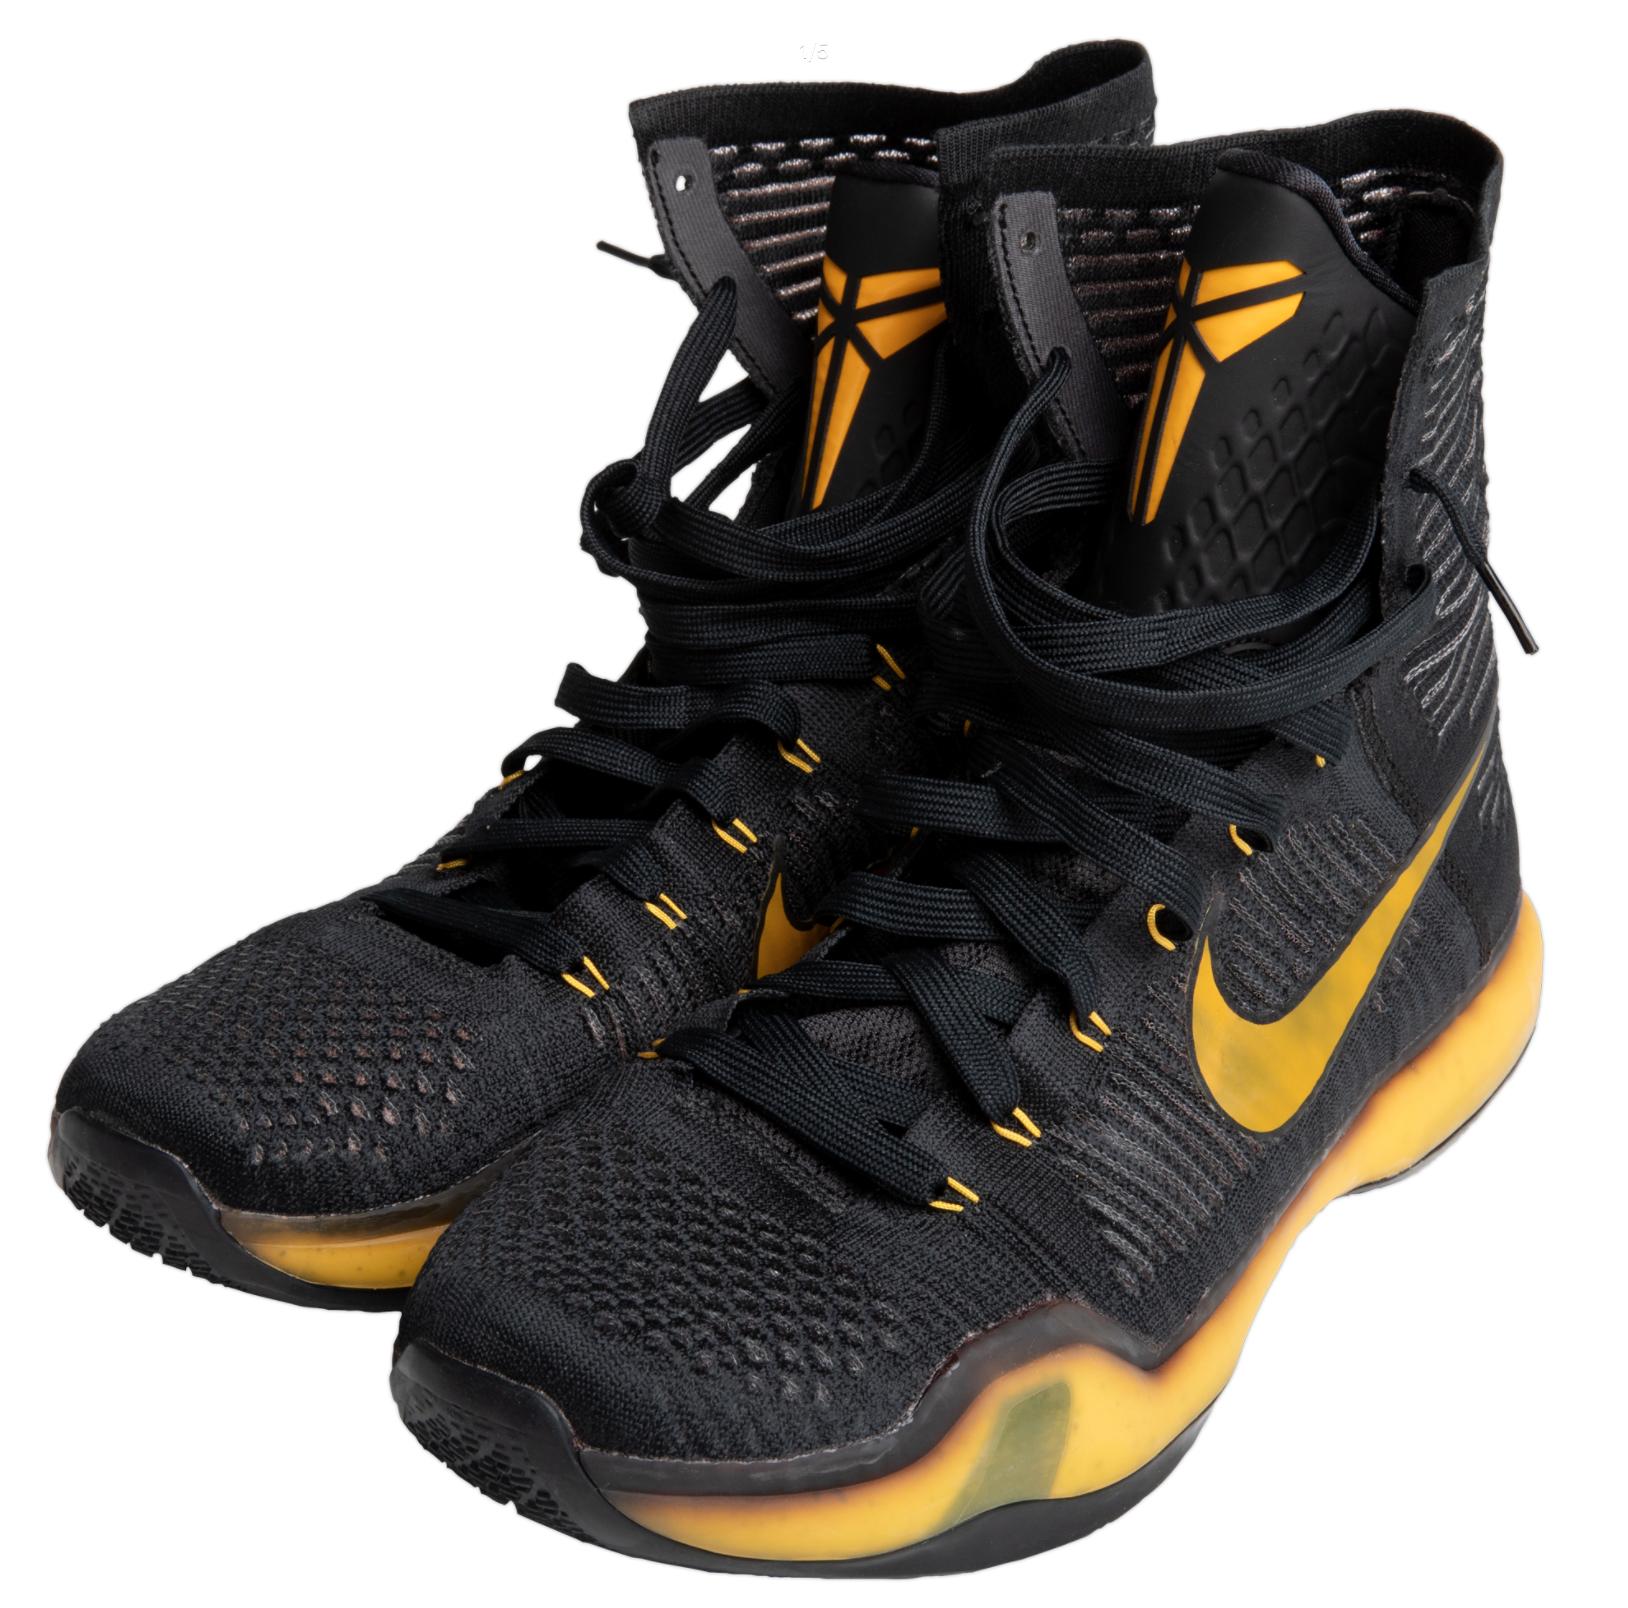 Kobe Bryant Finale Season Game Worn Sneakers